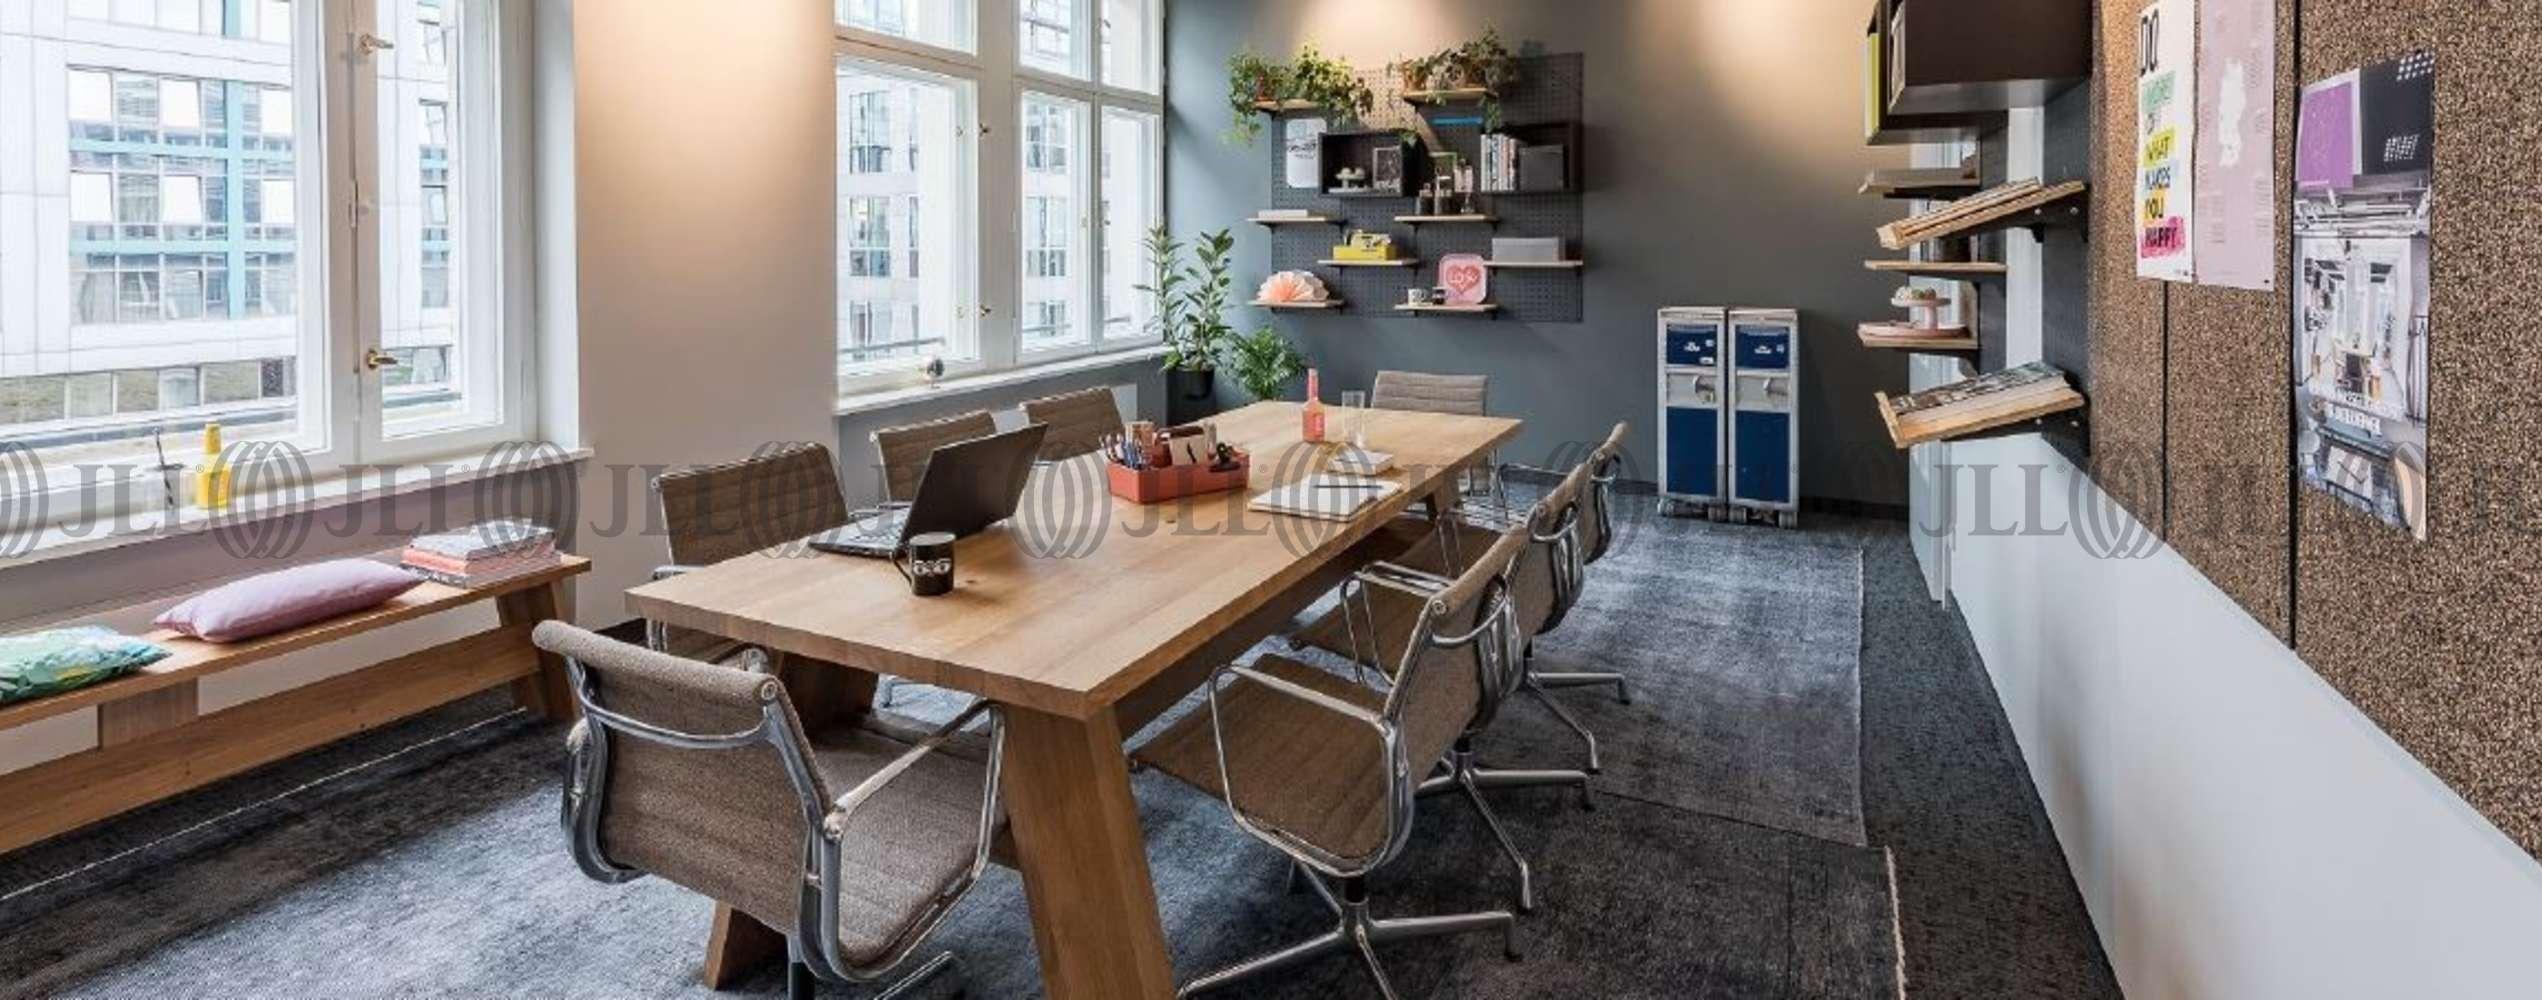 Coworking / flex office Berlin, 10117 -  Berlin - C0159